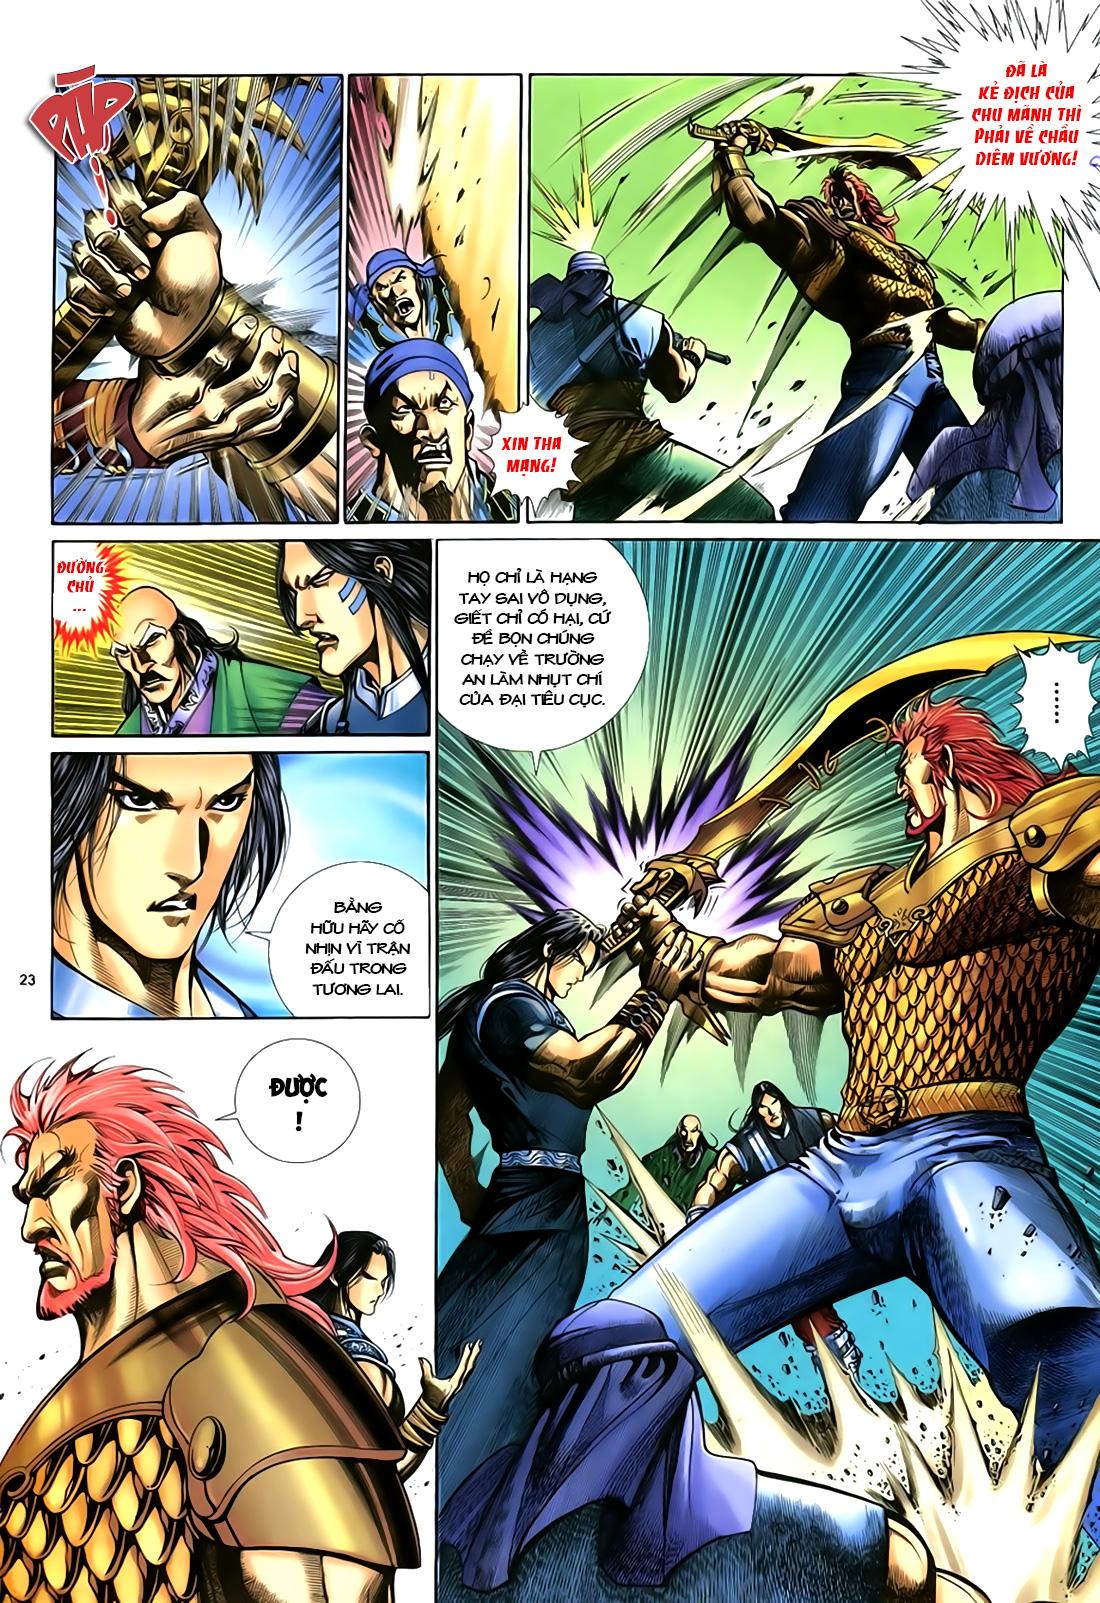 Anh hùng vô lệ Chap 18 trang 24